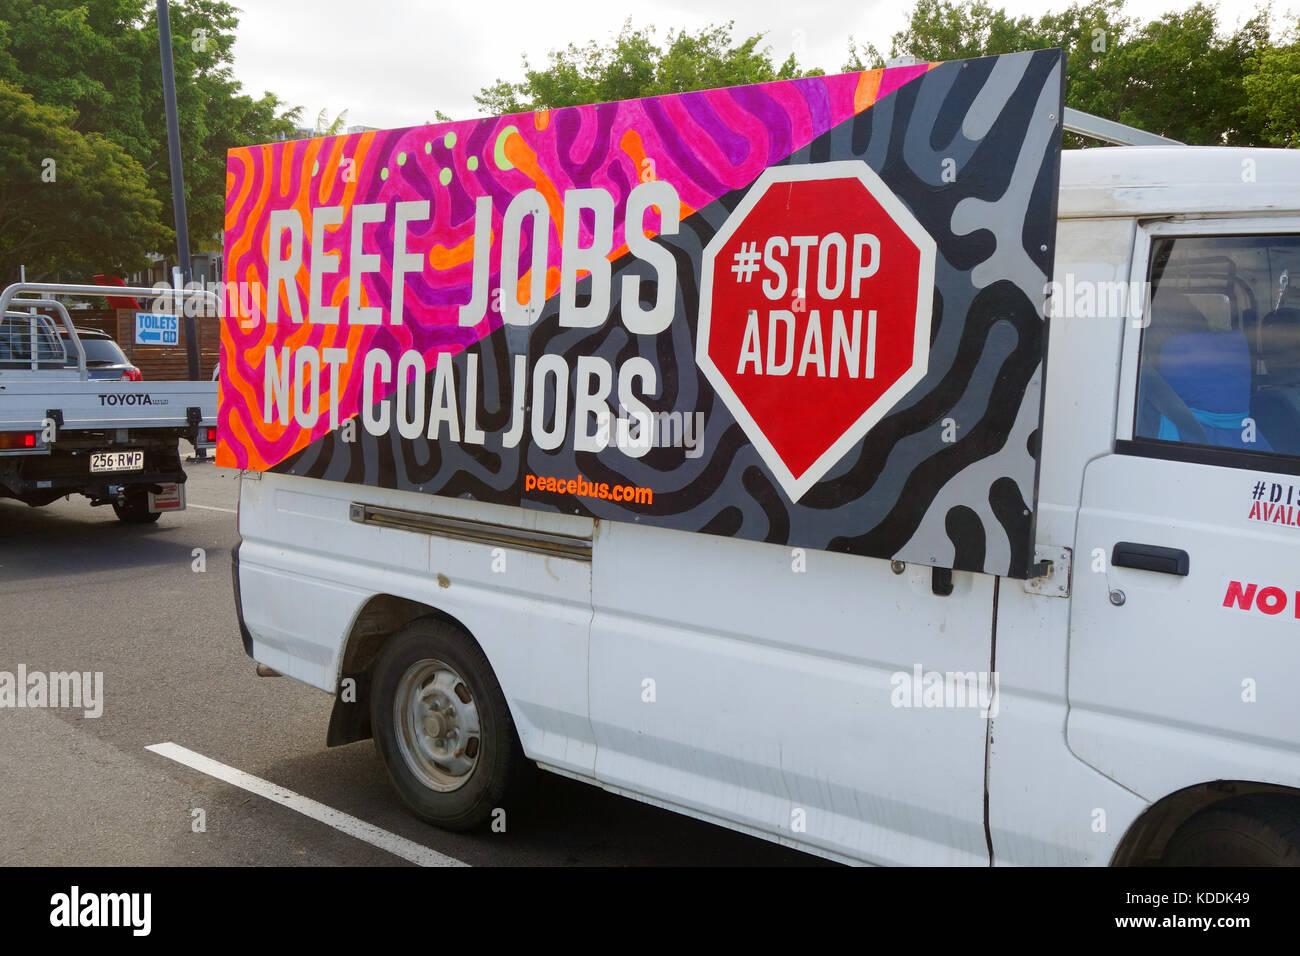 Stop Adani placard on passing van, Cairns, Queensland, Australia. No PR - Stock Image